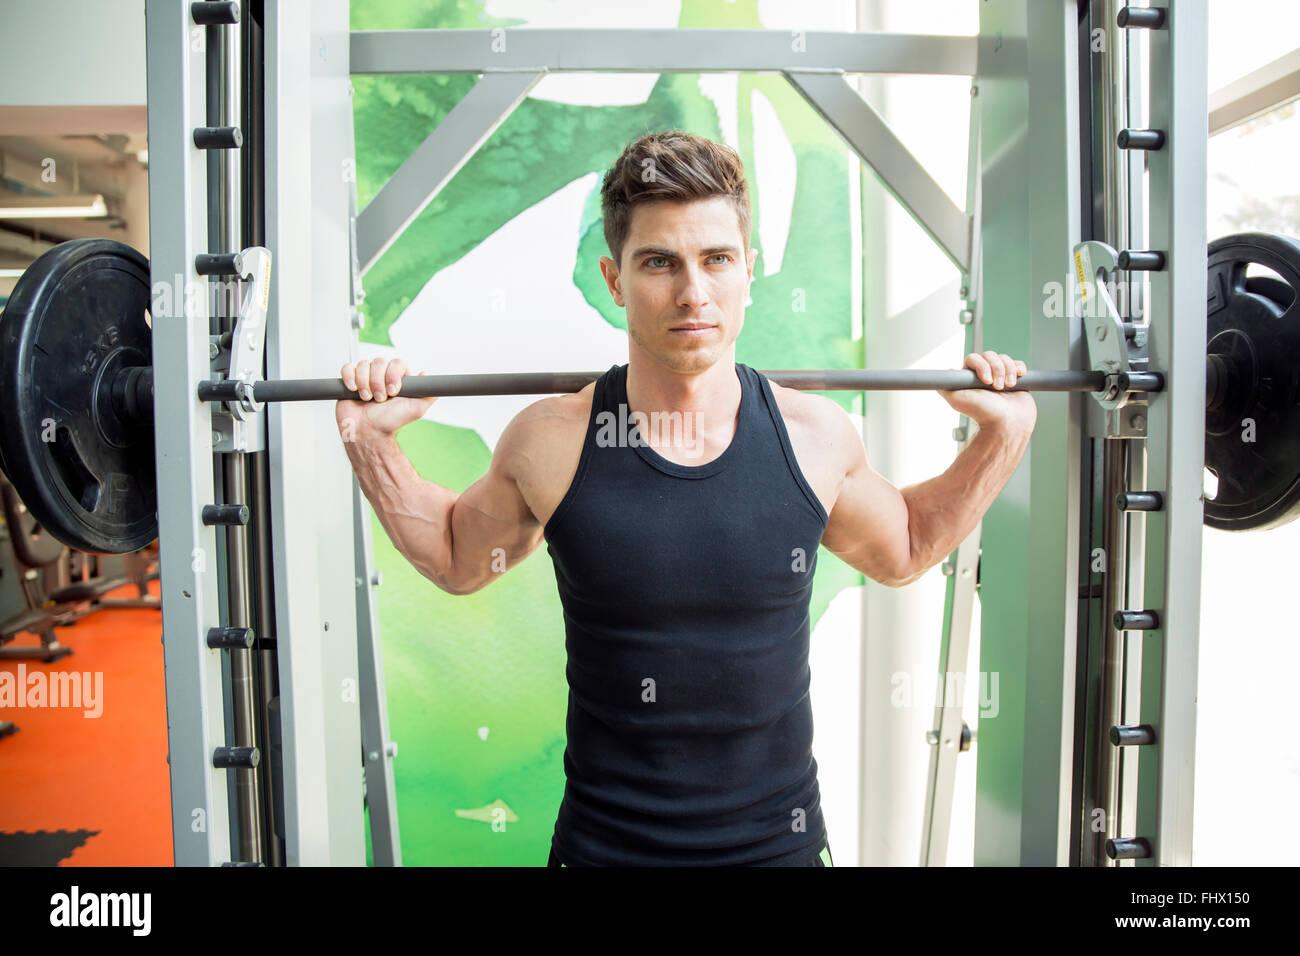 Guapo entrenamiento en el gimnasio para mantenerse sanos y fuertes Imagen De Stock